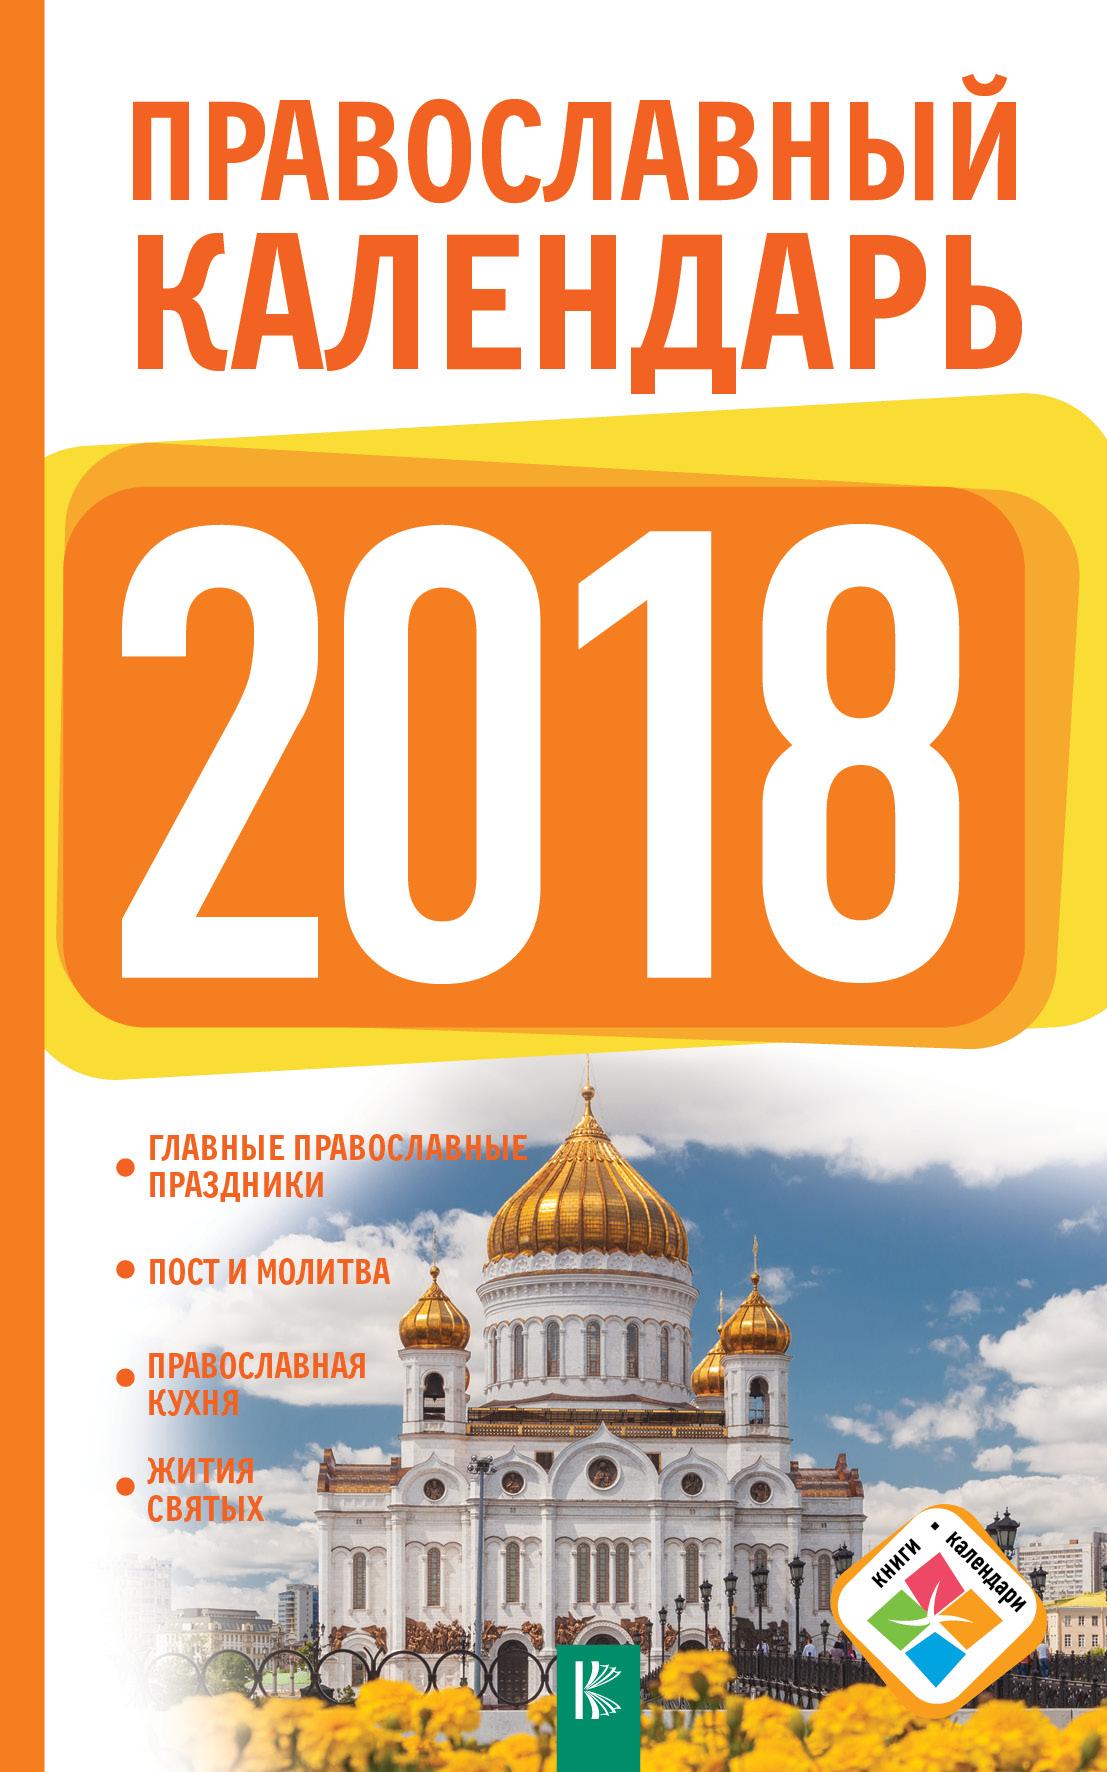 Православный календарь на 2018 год ( Хорсанд Д.В.  )